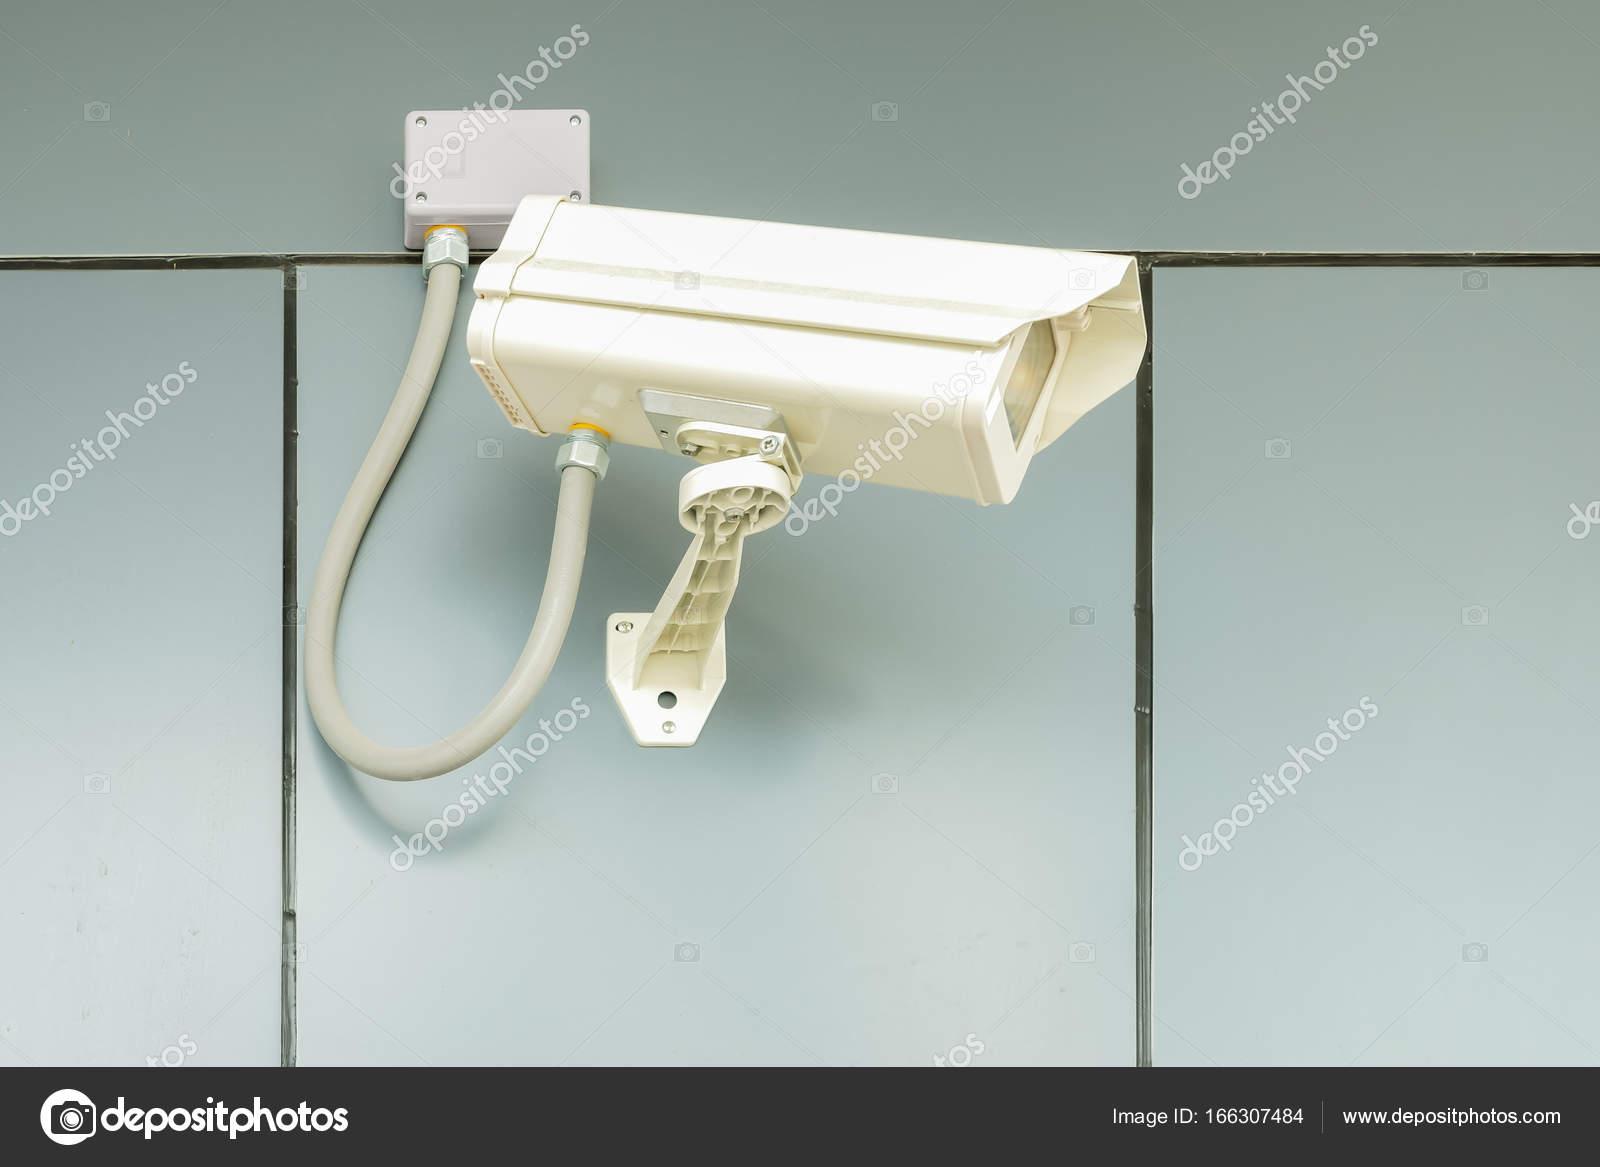 Überwachungskamera an haus wand, cctv schutz privaten eigentums